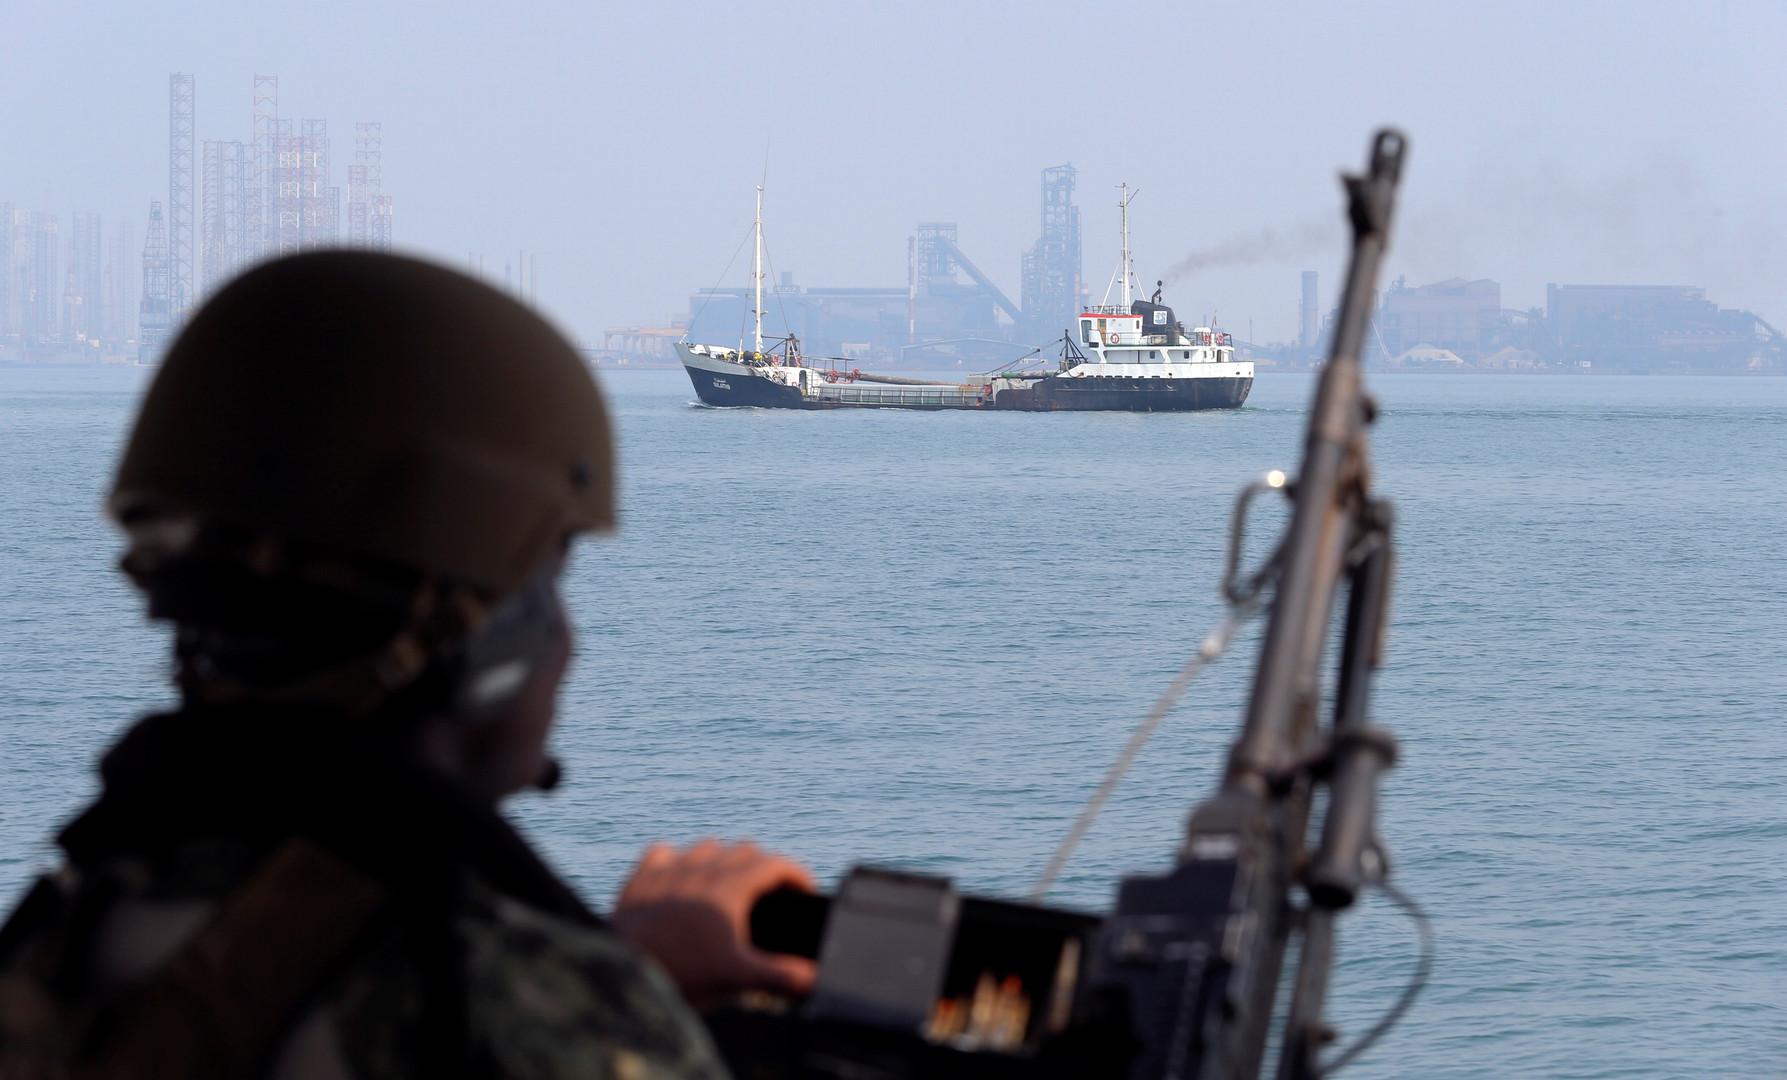 النفط يصعد بفعل التوترات بين إيران والولايات المتحدة